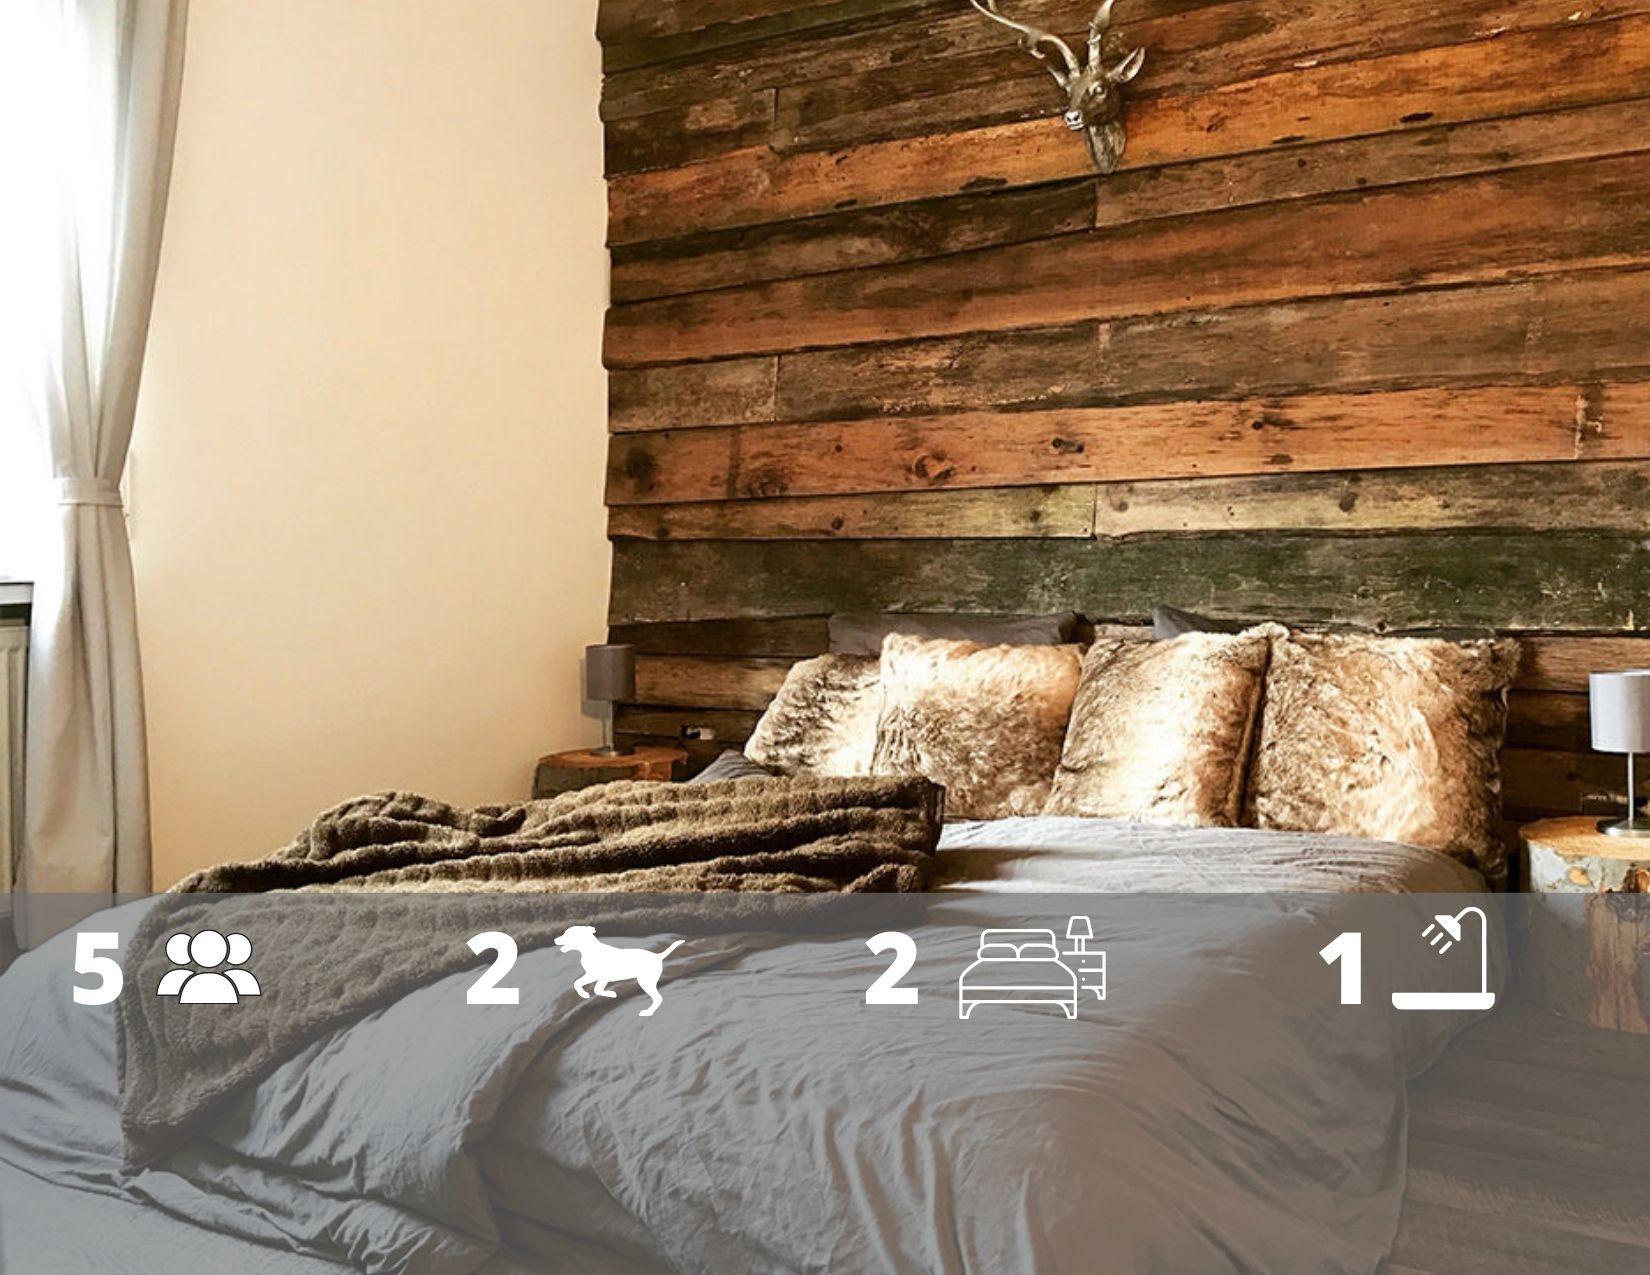 5 Sterne Chalet-Apartment im Alpen-Chalet-Stil im Harz